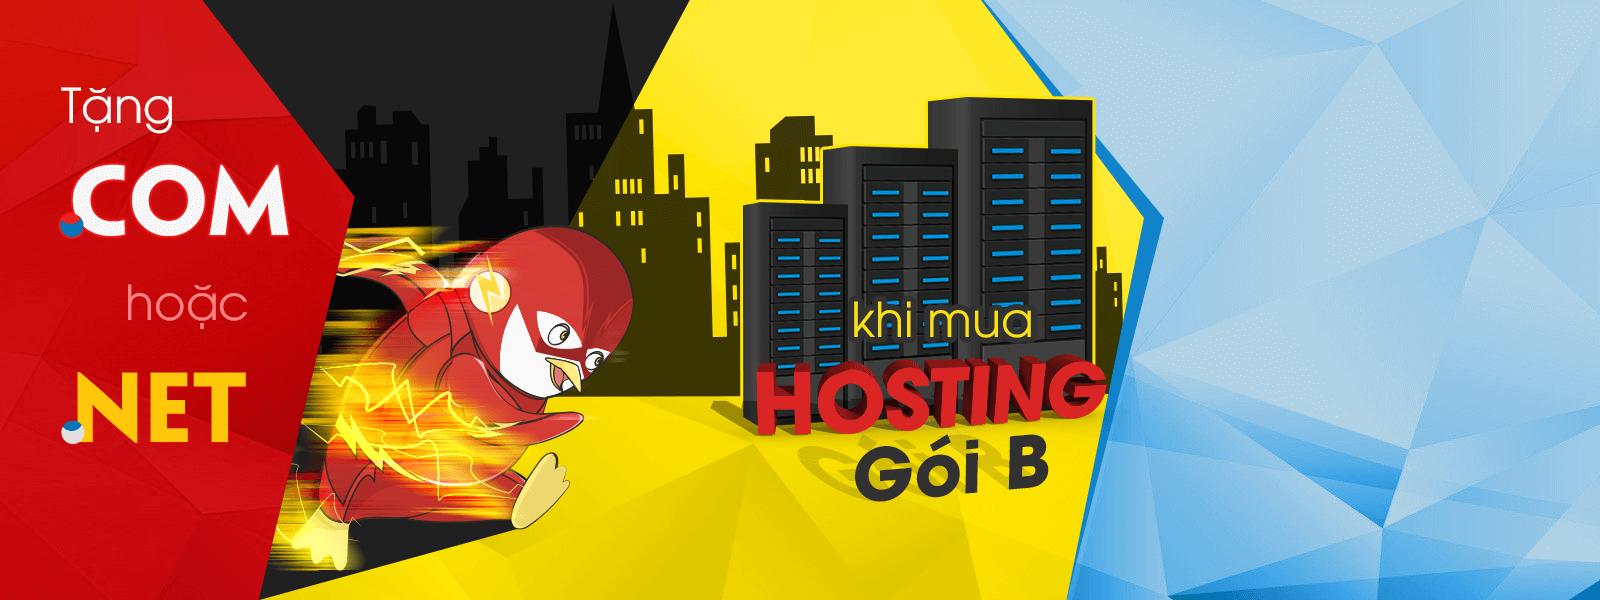 Mua hosting tặng tên miền .com hoặc .net